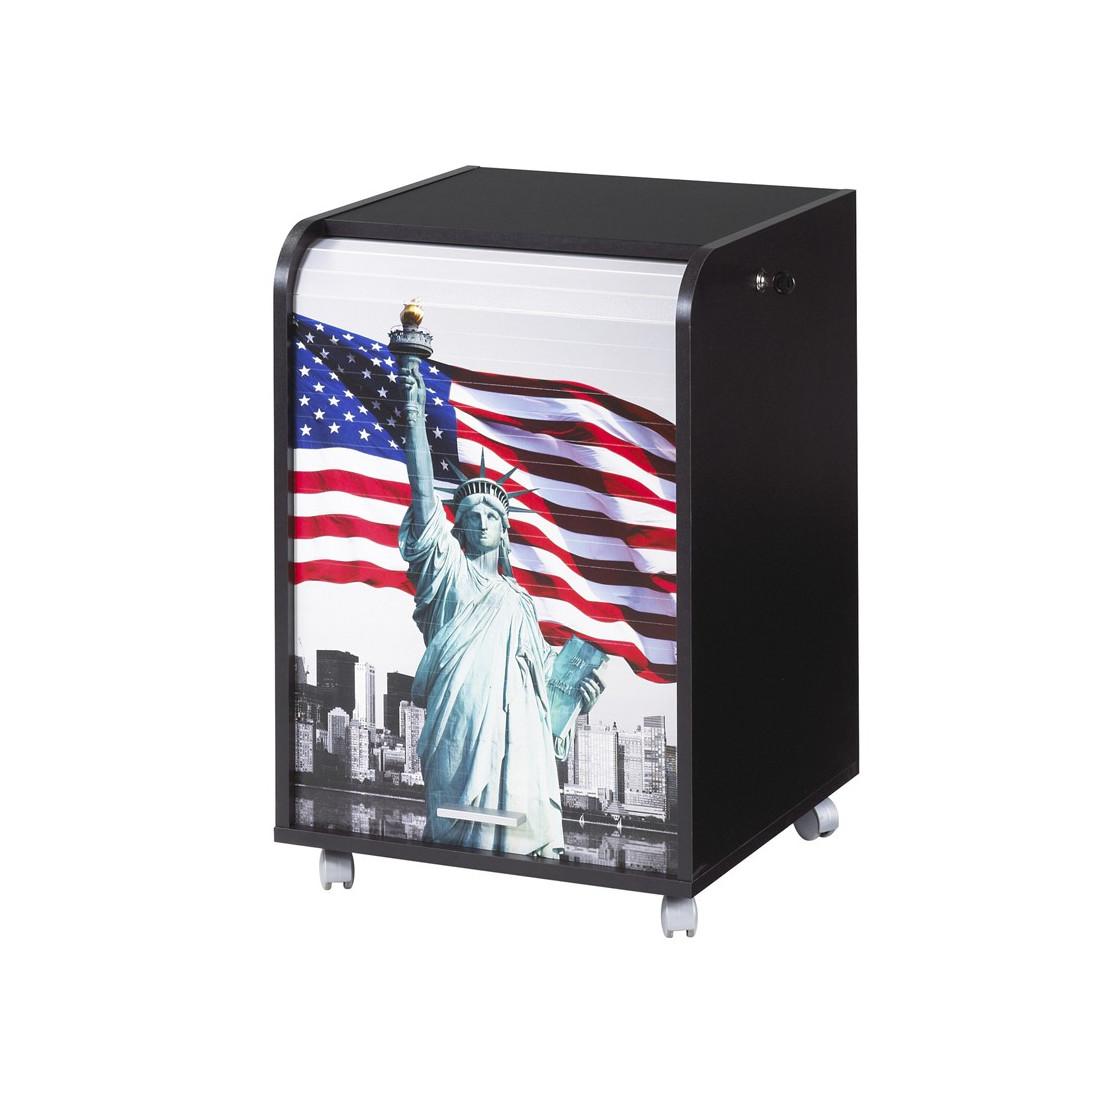 caisson noir roulettes rideau n 4 taille s carou univers du bureau. Black Bedroom Furniture Sets. Home Design Ideas